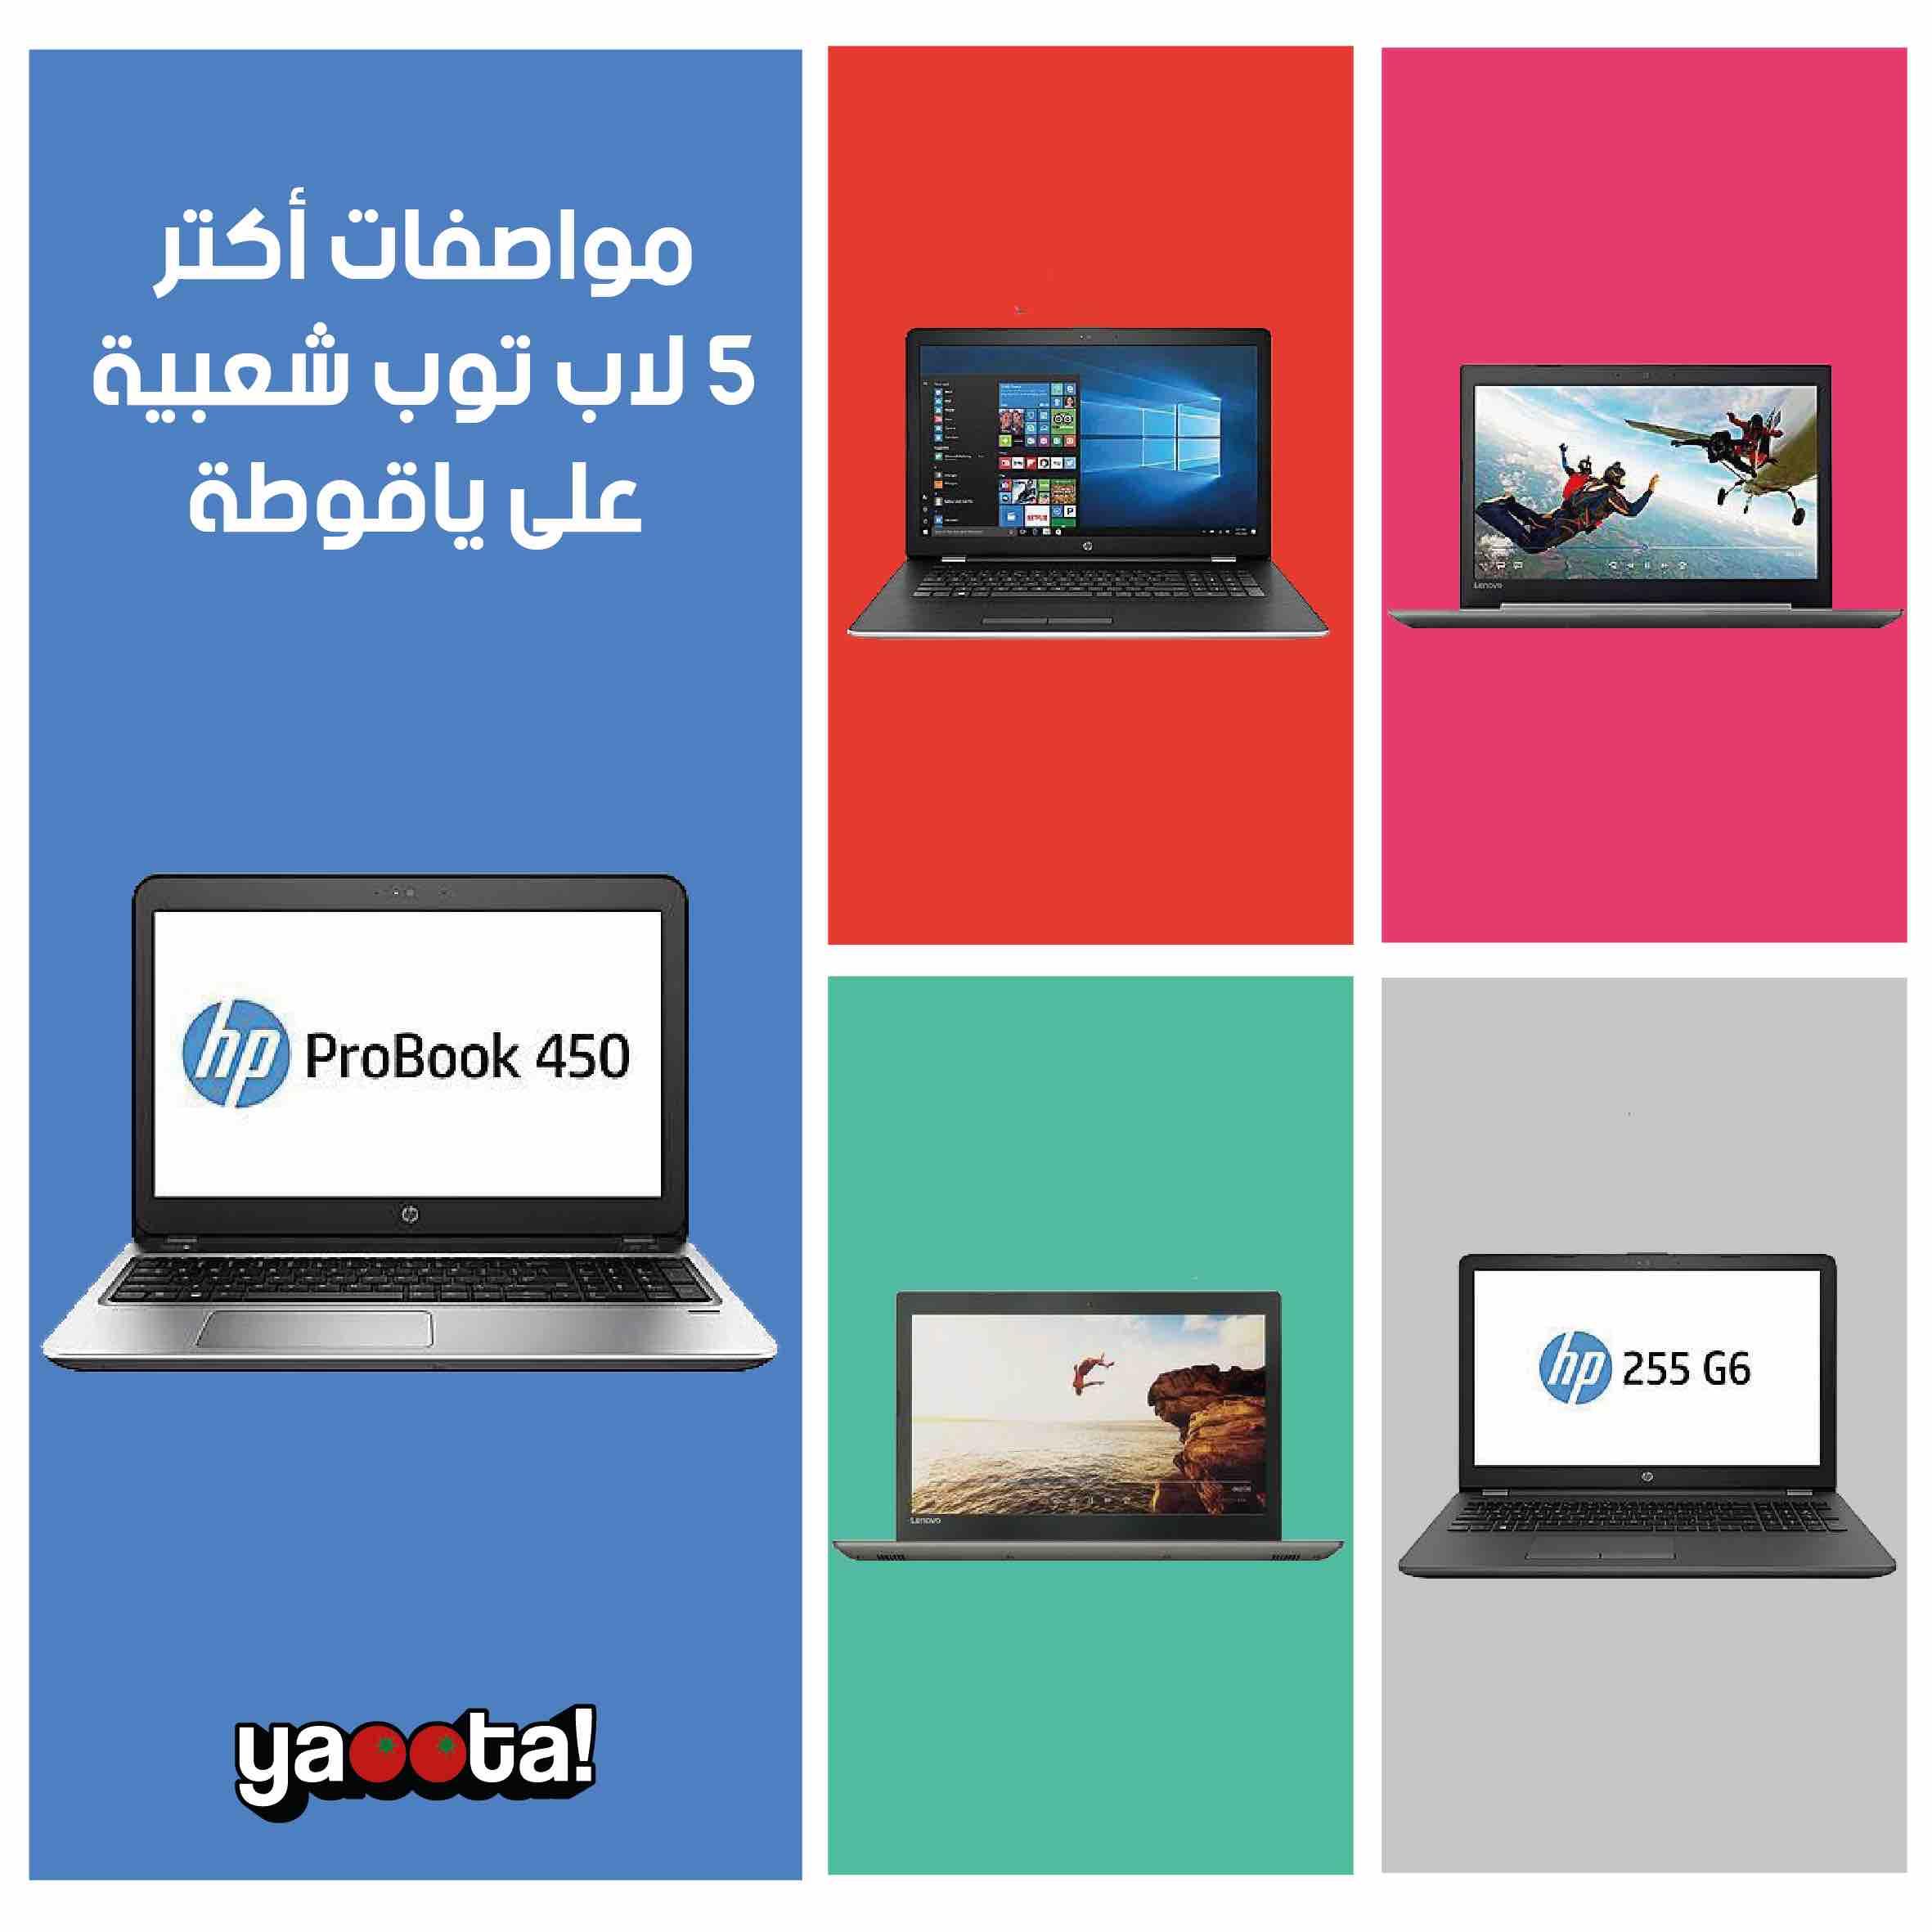 مميزات وعيوب ومواصفات و سعر أكتر ٥ أجهزة لاب توب شعبية